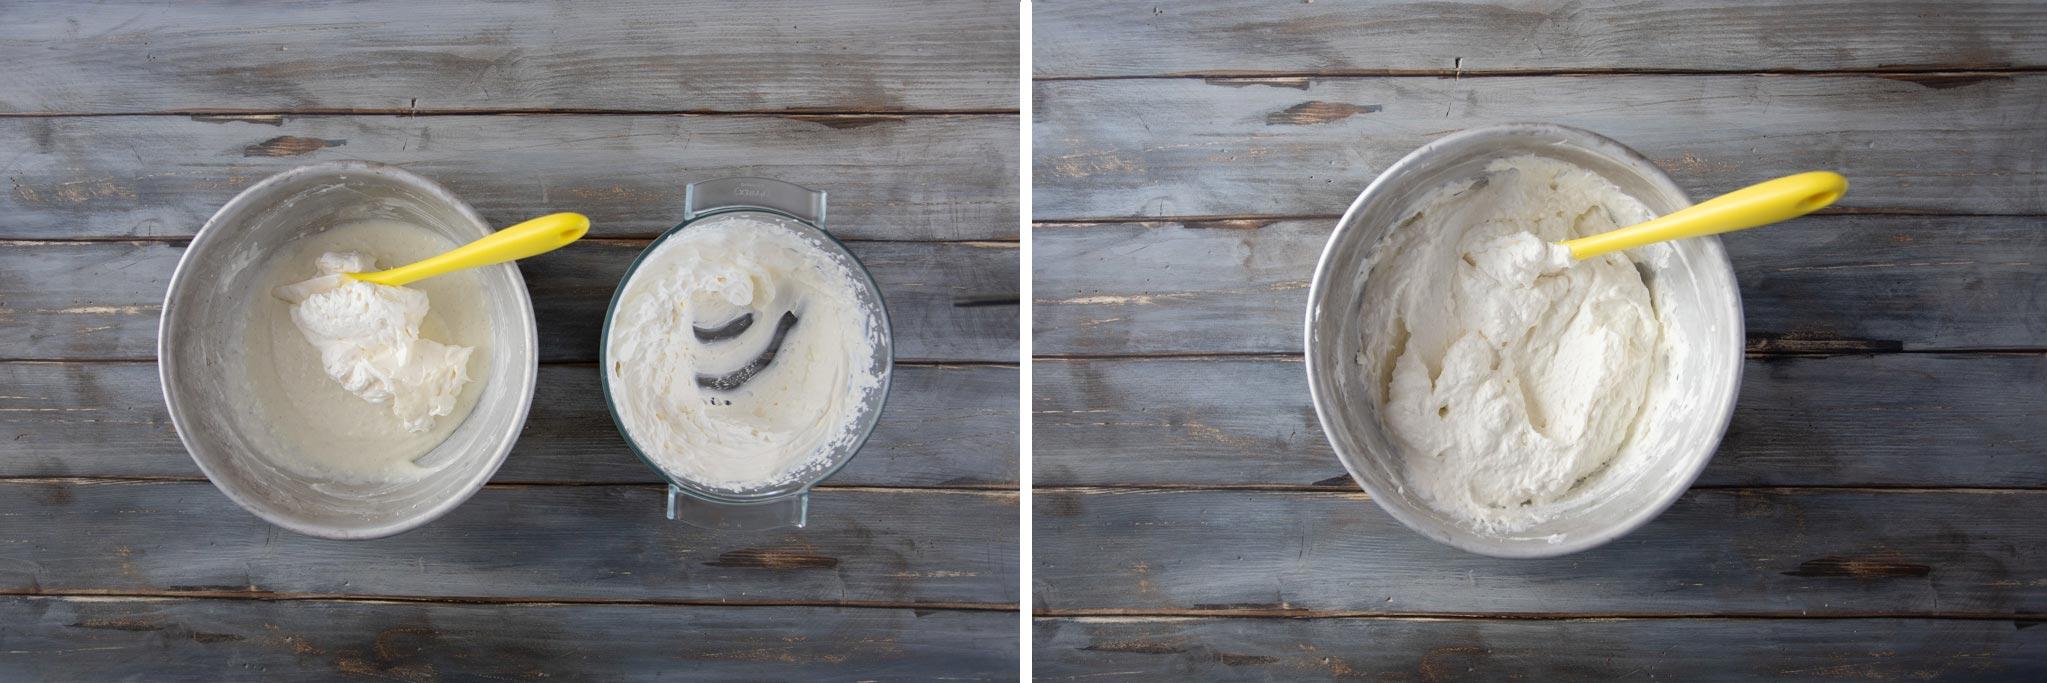 crema torta wafer vaniglia cocco